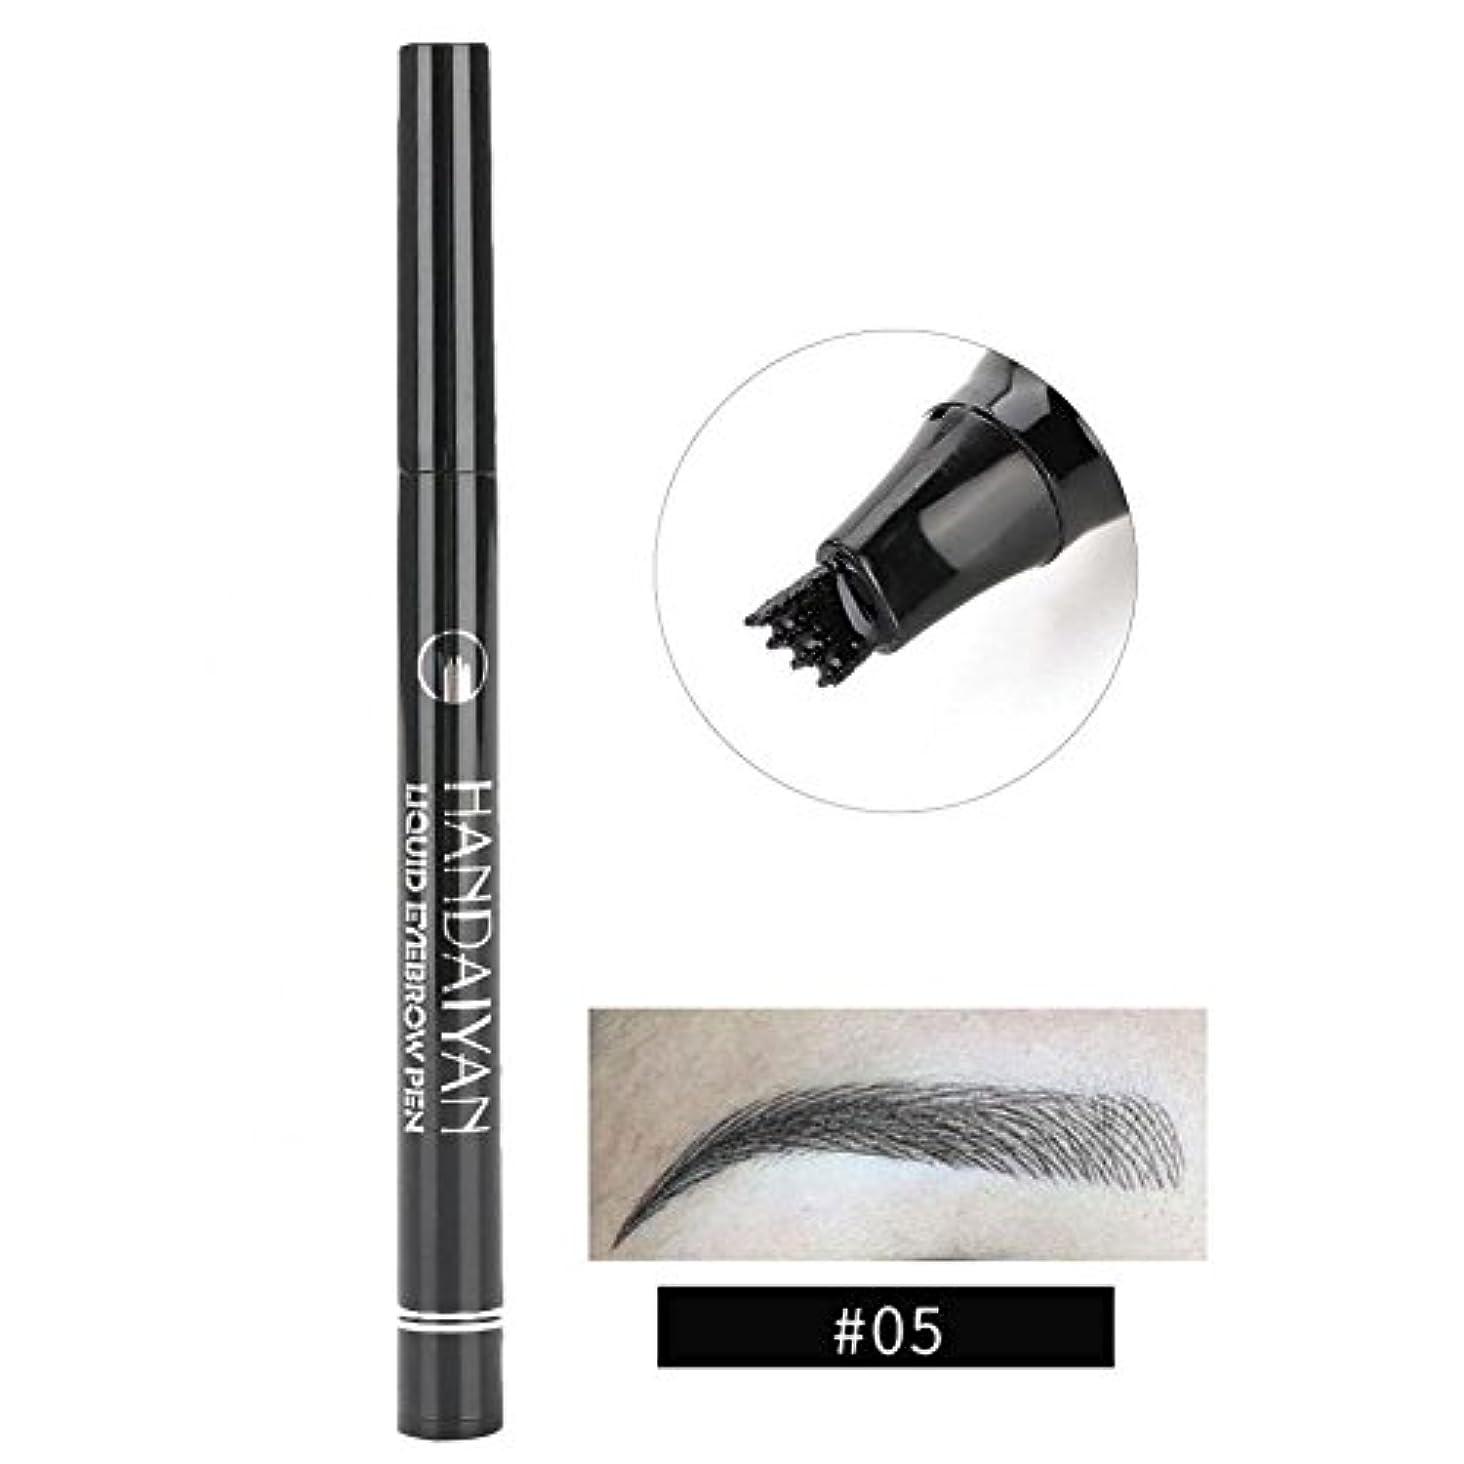 衝撃少数確立防水眉ペン、液体 長持ち 液体眉毛タトゥーペン 眉毛エンハンサー メイクアップペン(5)